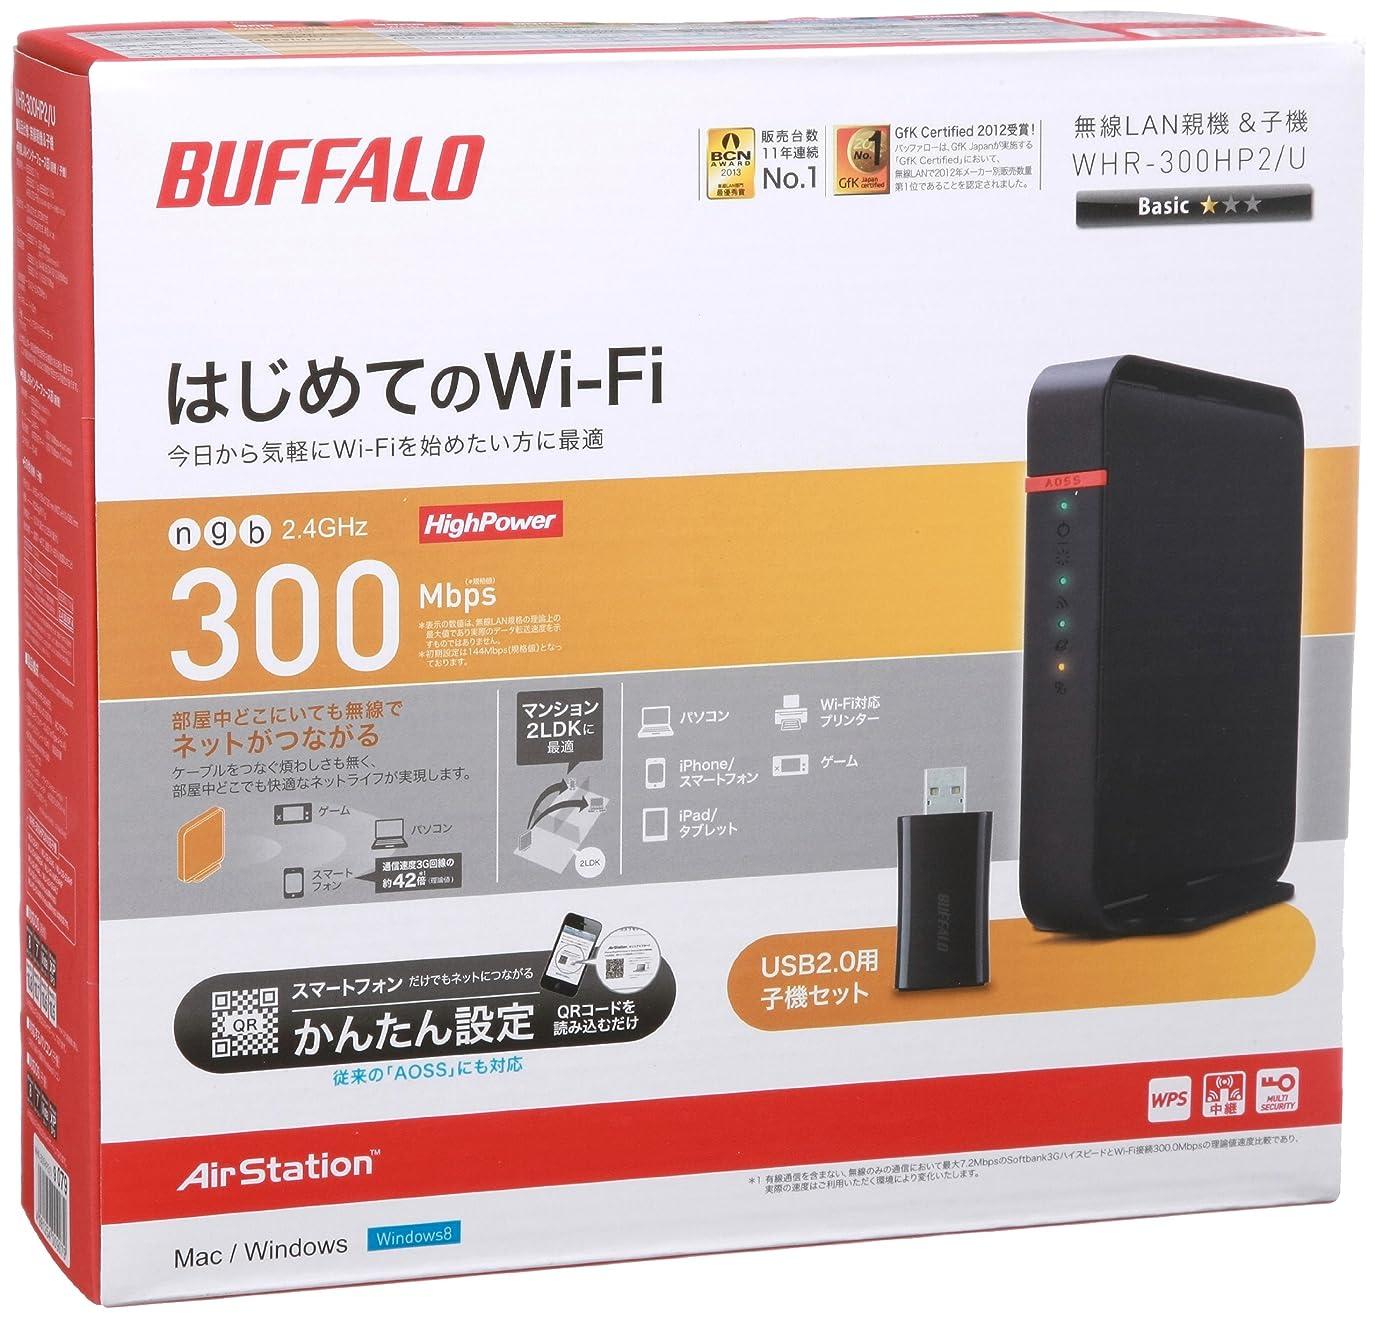 一部ライブ体系的にBUFFALO 11n/b/g対応 無線LAN親機?子機セット(Wi-Fiルーター) エアステーション QRsetup ハイパワー 300Mbps  WHR-300HP2/U (利用推奨環境 1人?ワンルーム?平屋)